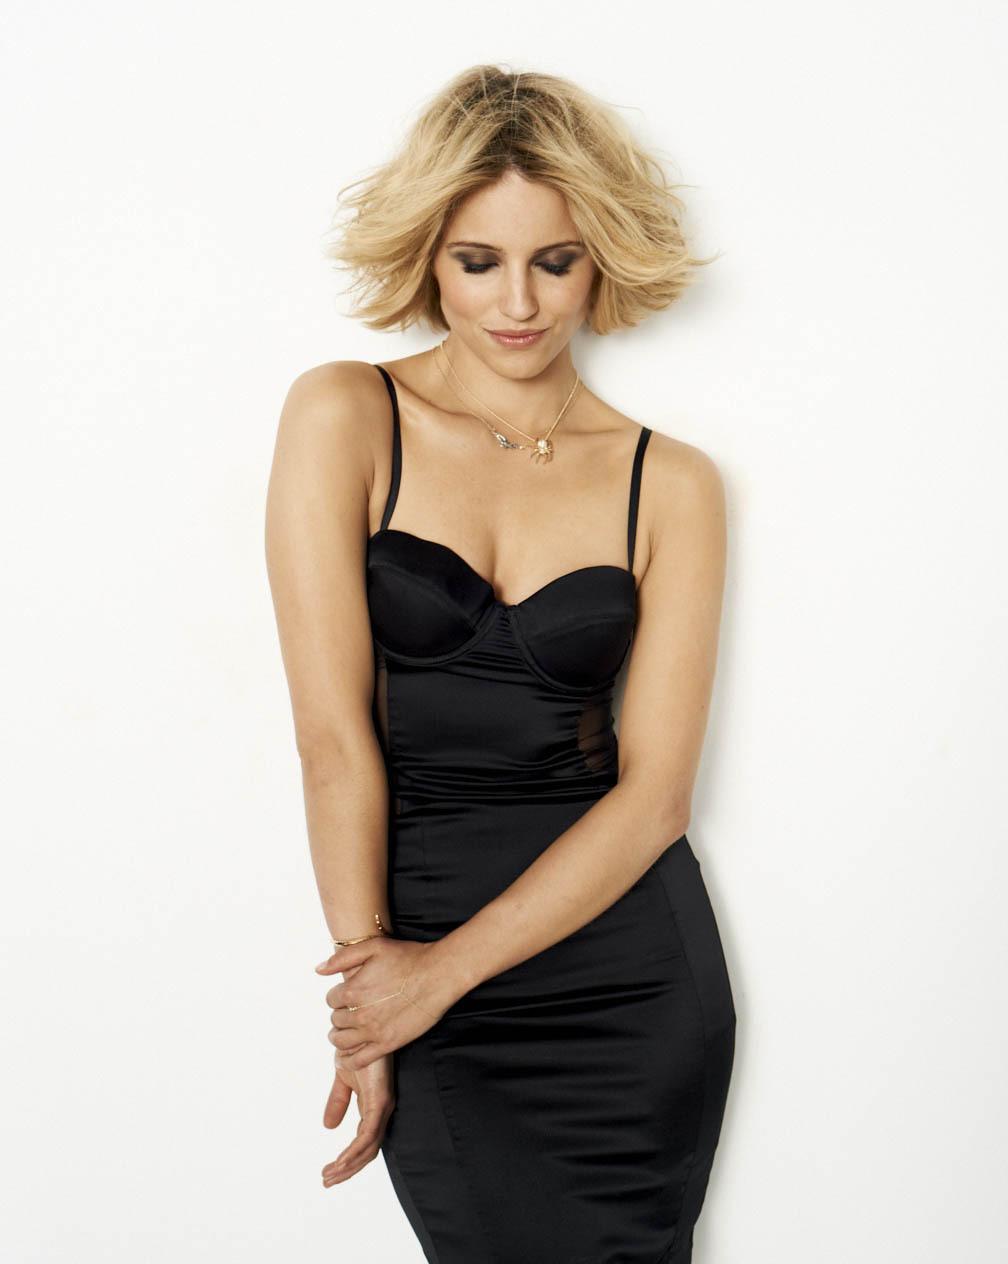 Dianna Agron New Cosmo Photoshoot - Dianna Agron photo (22617416 ...